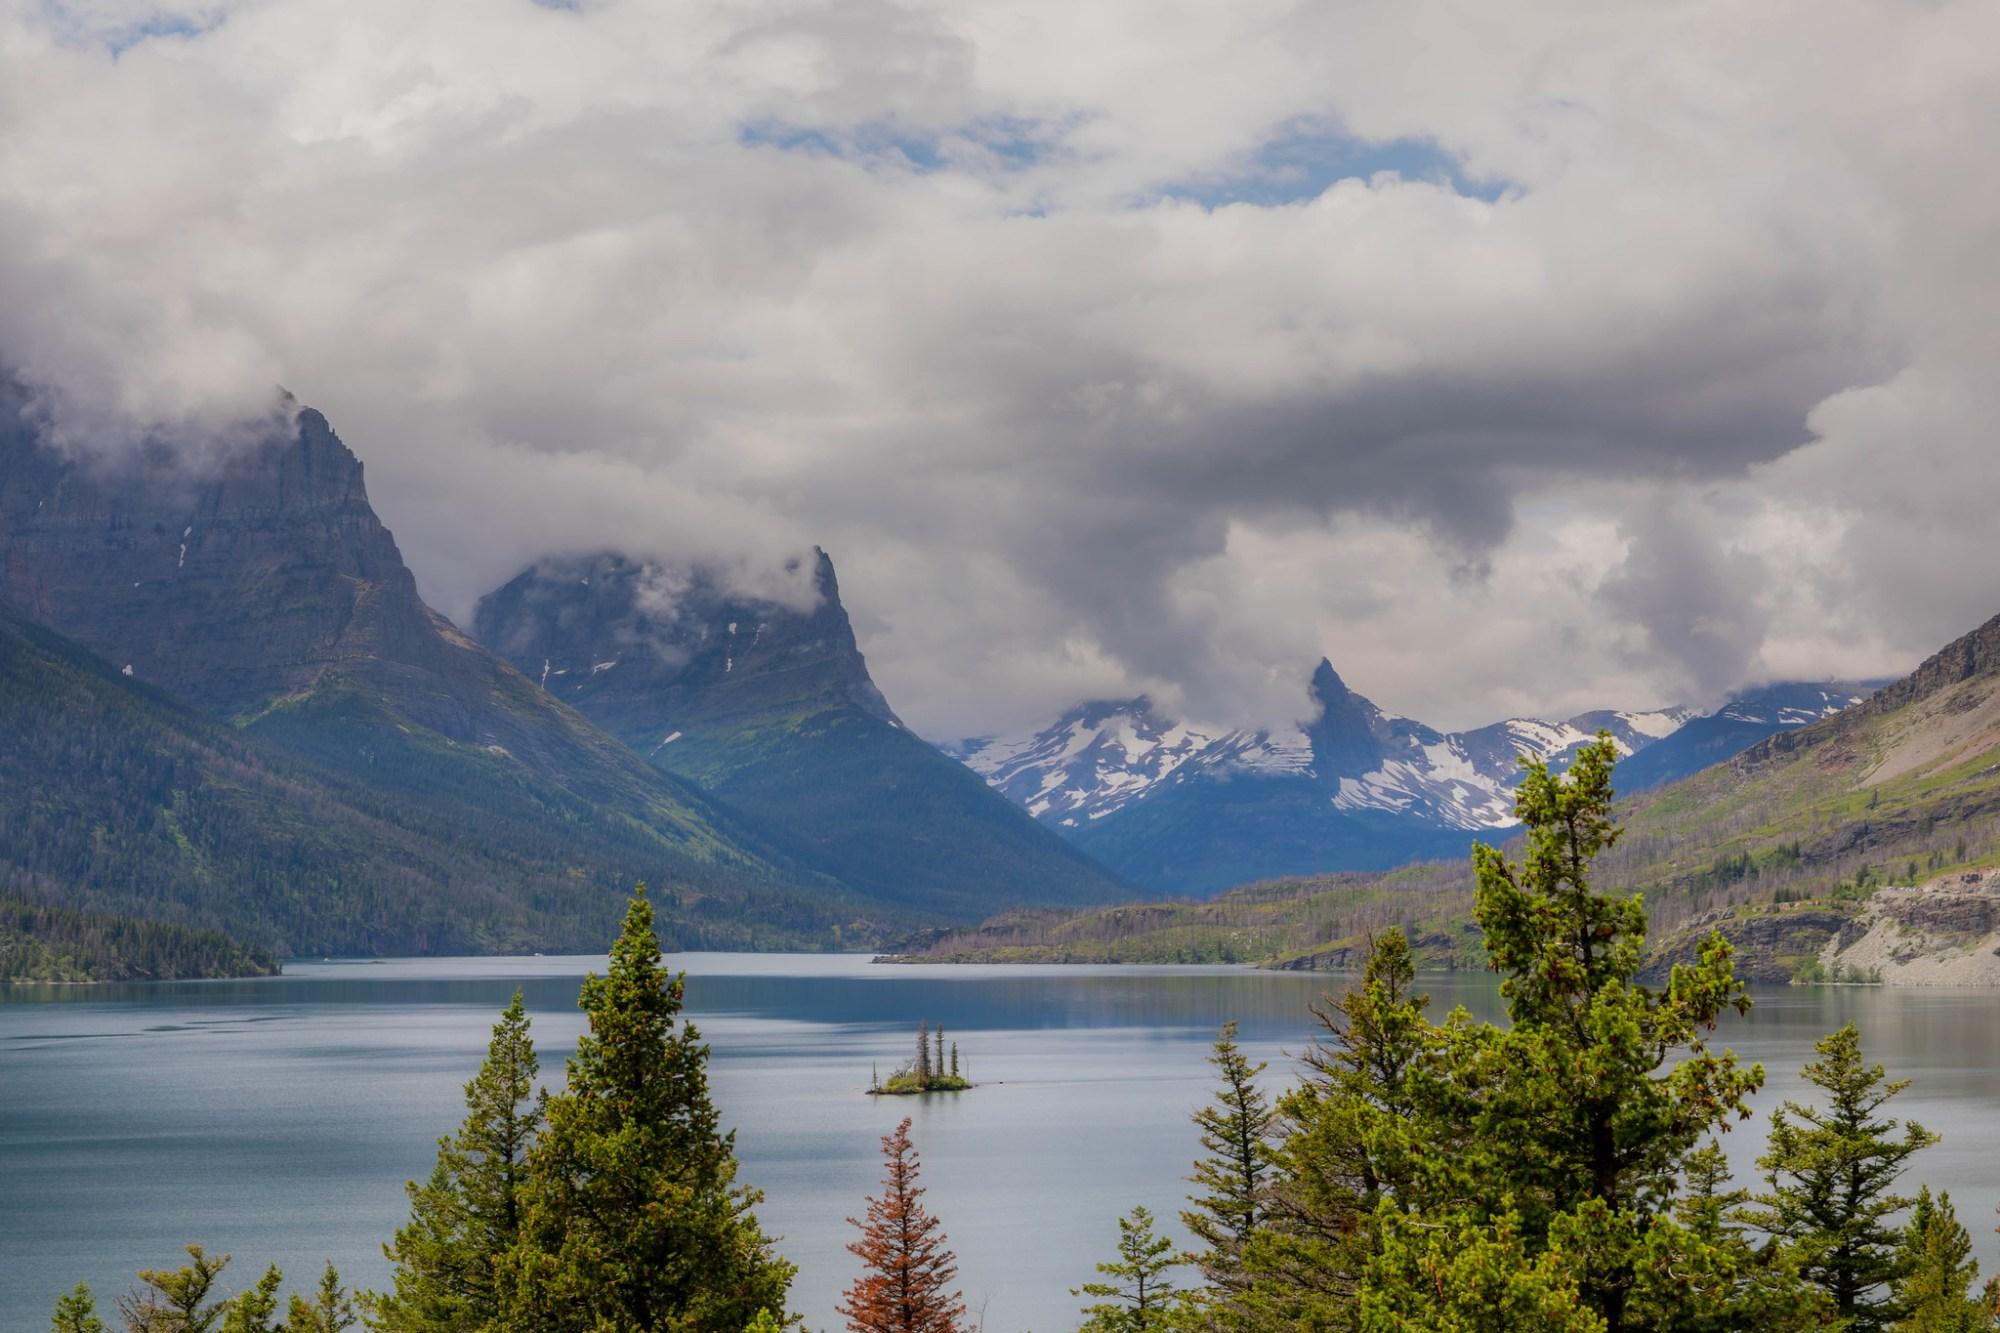 07.03. Glacier National Park